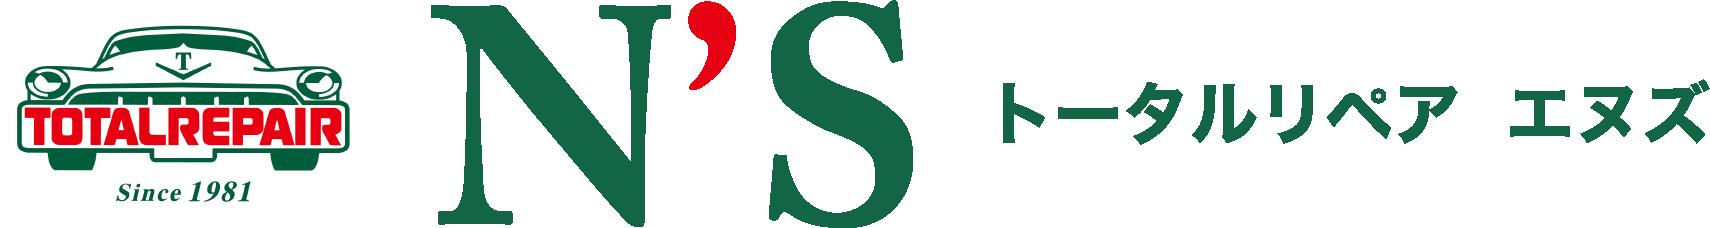 トータルリペア エヌズ